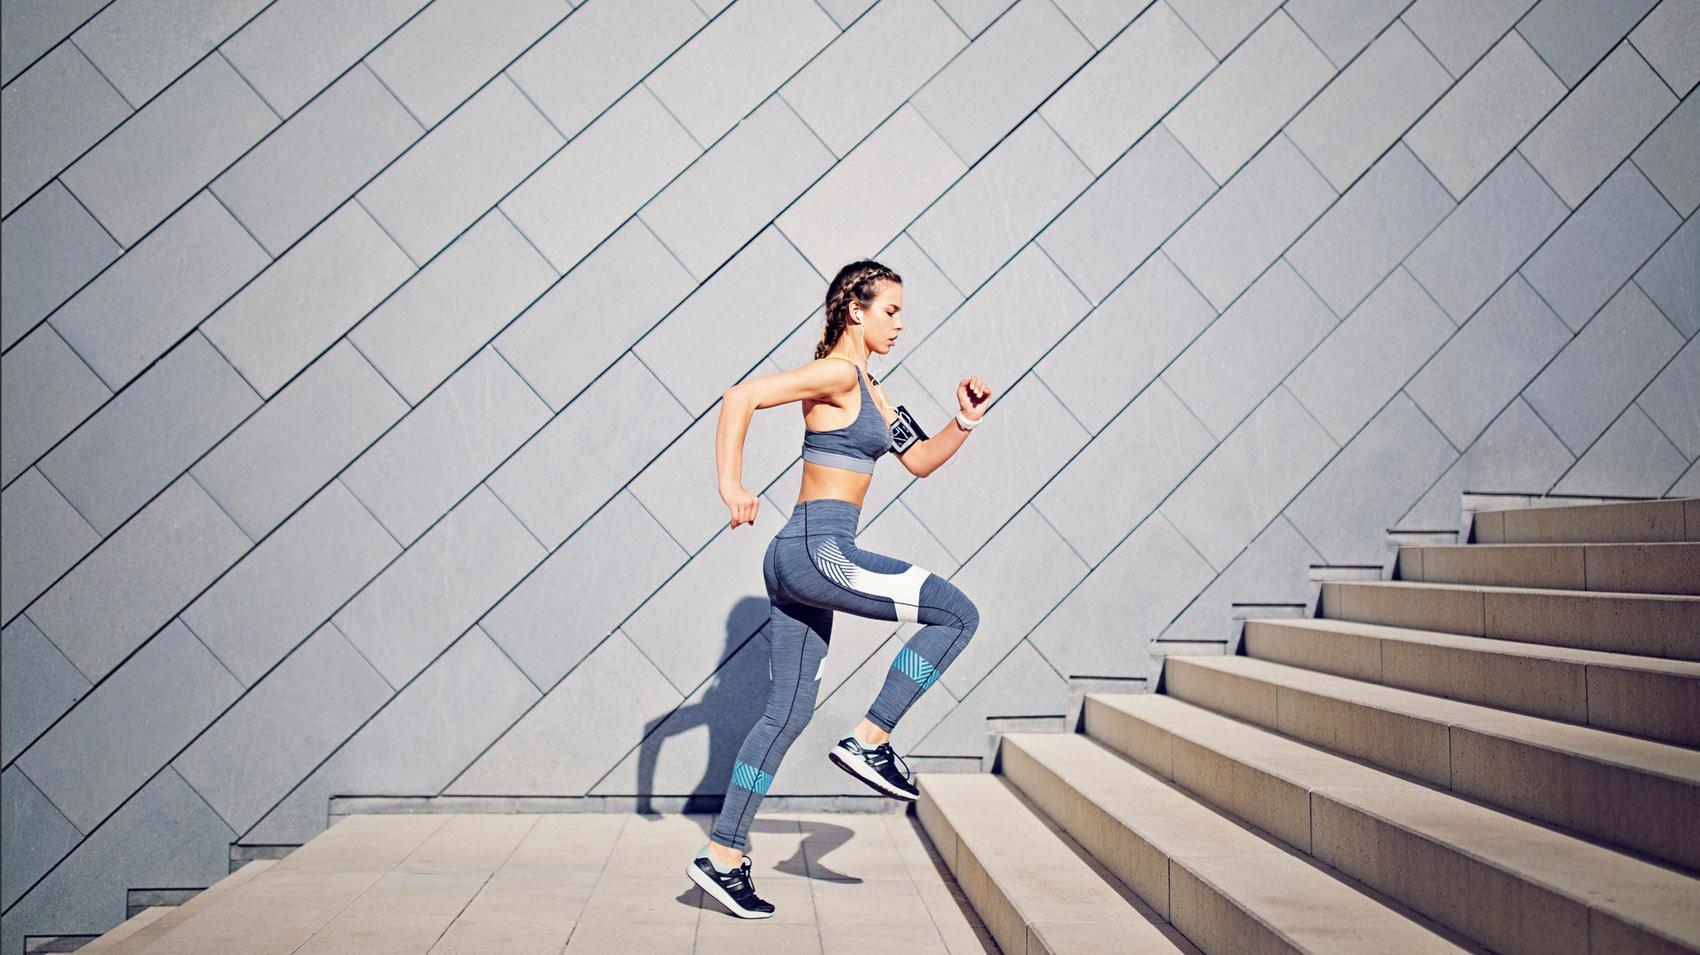 quante ripetizioni e serie per perdere peso